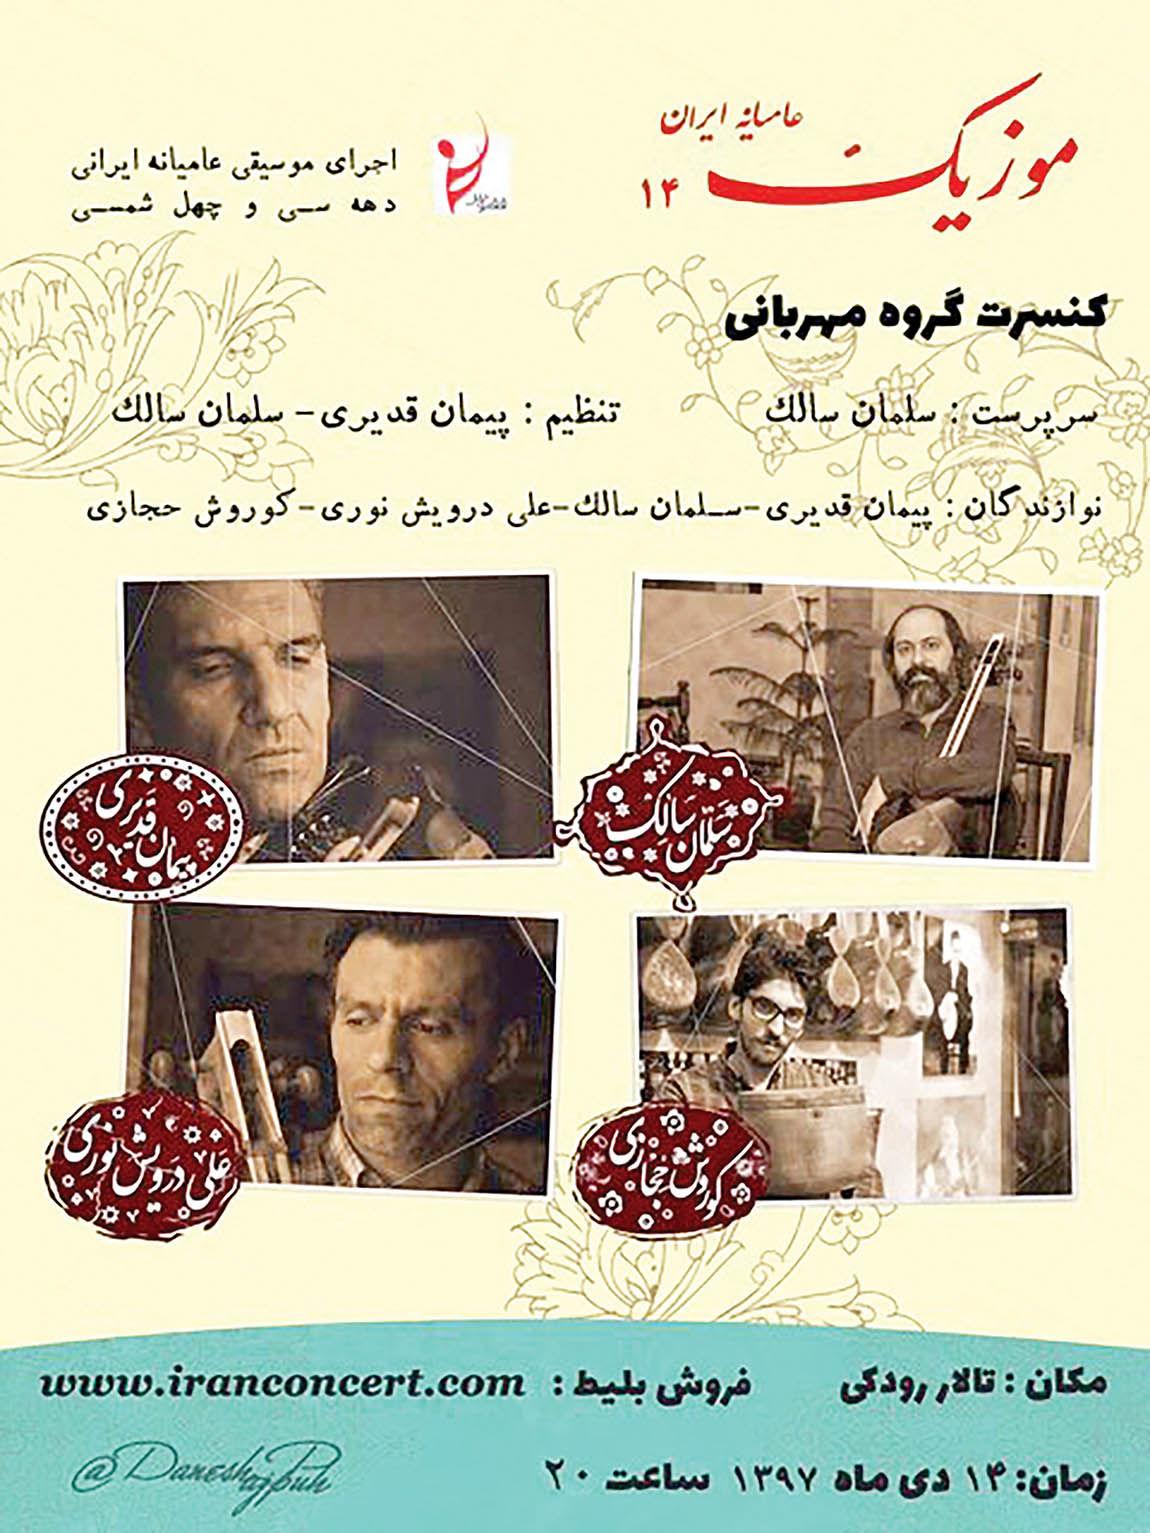 بازخوانی آهنگهای خاطرهانگیز در تالار رودکی